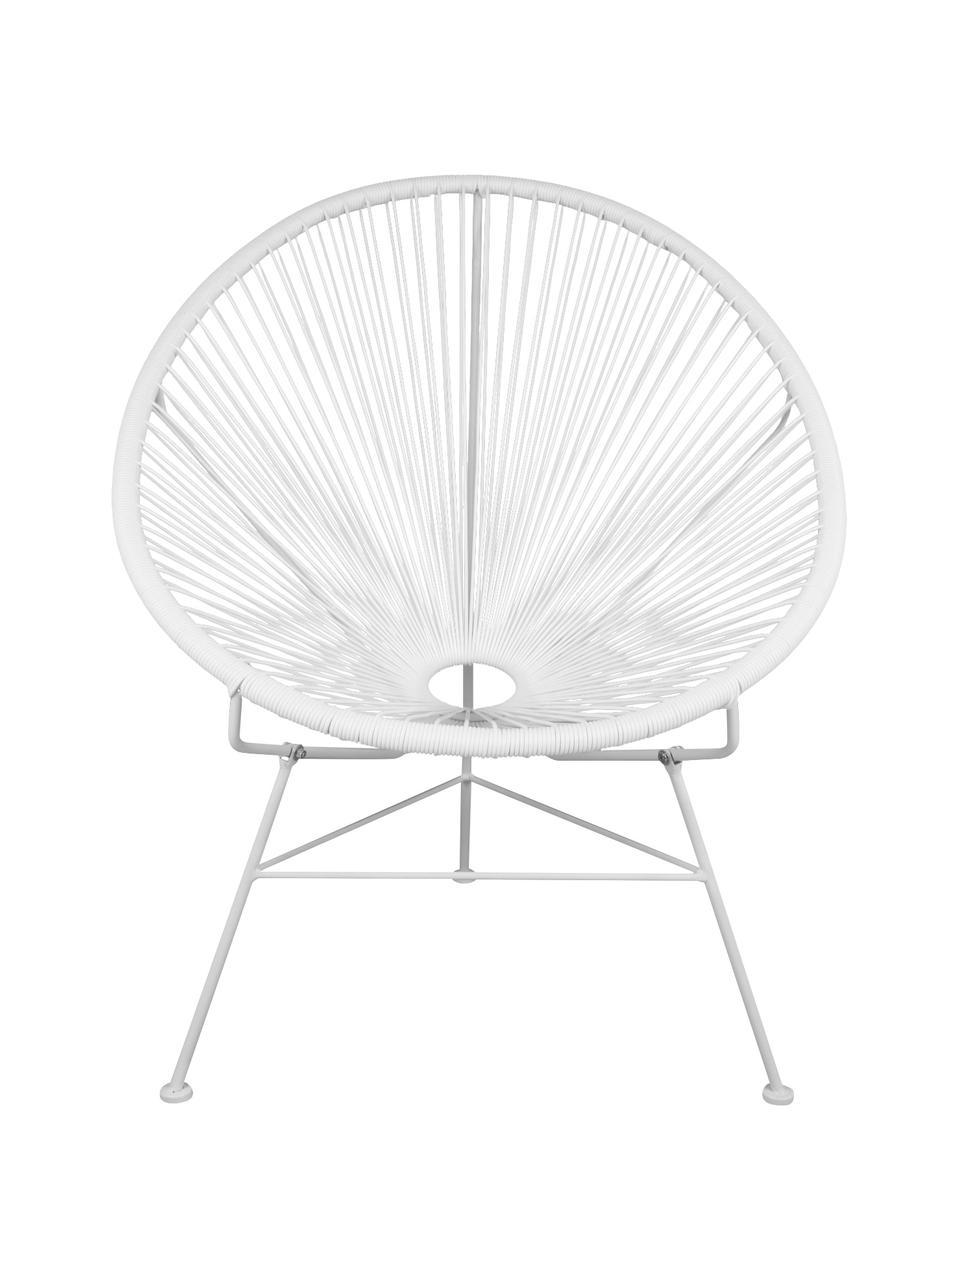 Loungesessel Bahia aus Kunststoff-Geflecht, Sitzfläche: Kunststoff, Gestell: Metall, pulverbeschichtet, Weiß, B 81 x T 73 cm